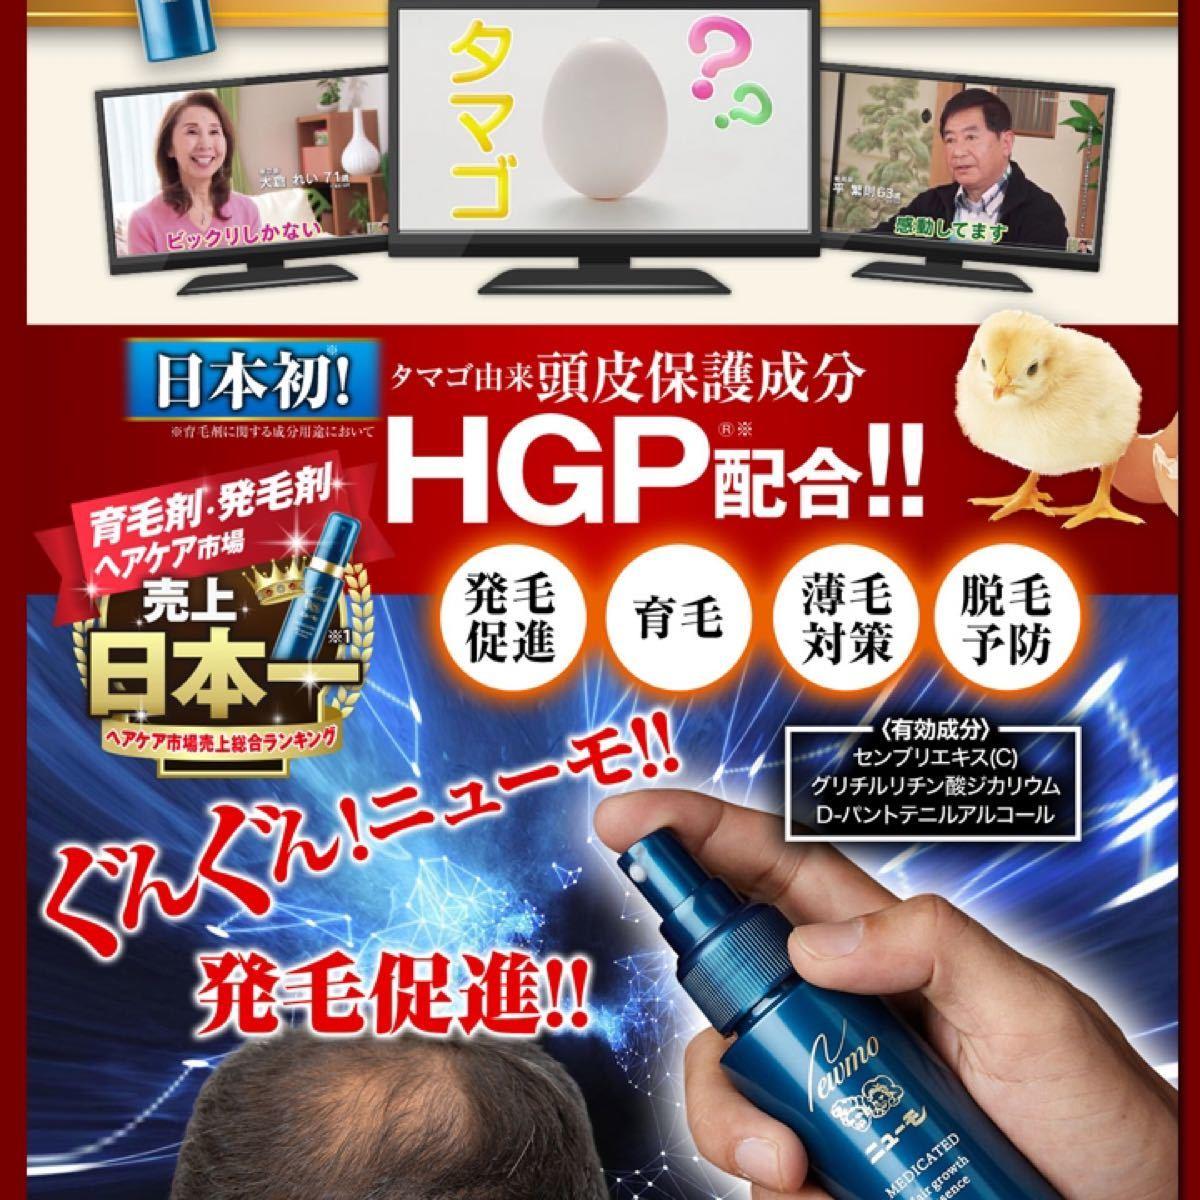 ニューモ 75ml 薬用育毛剤 【 届きたて 新品未開封 】 送料無料 (a